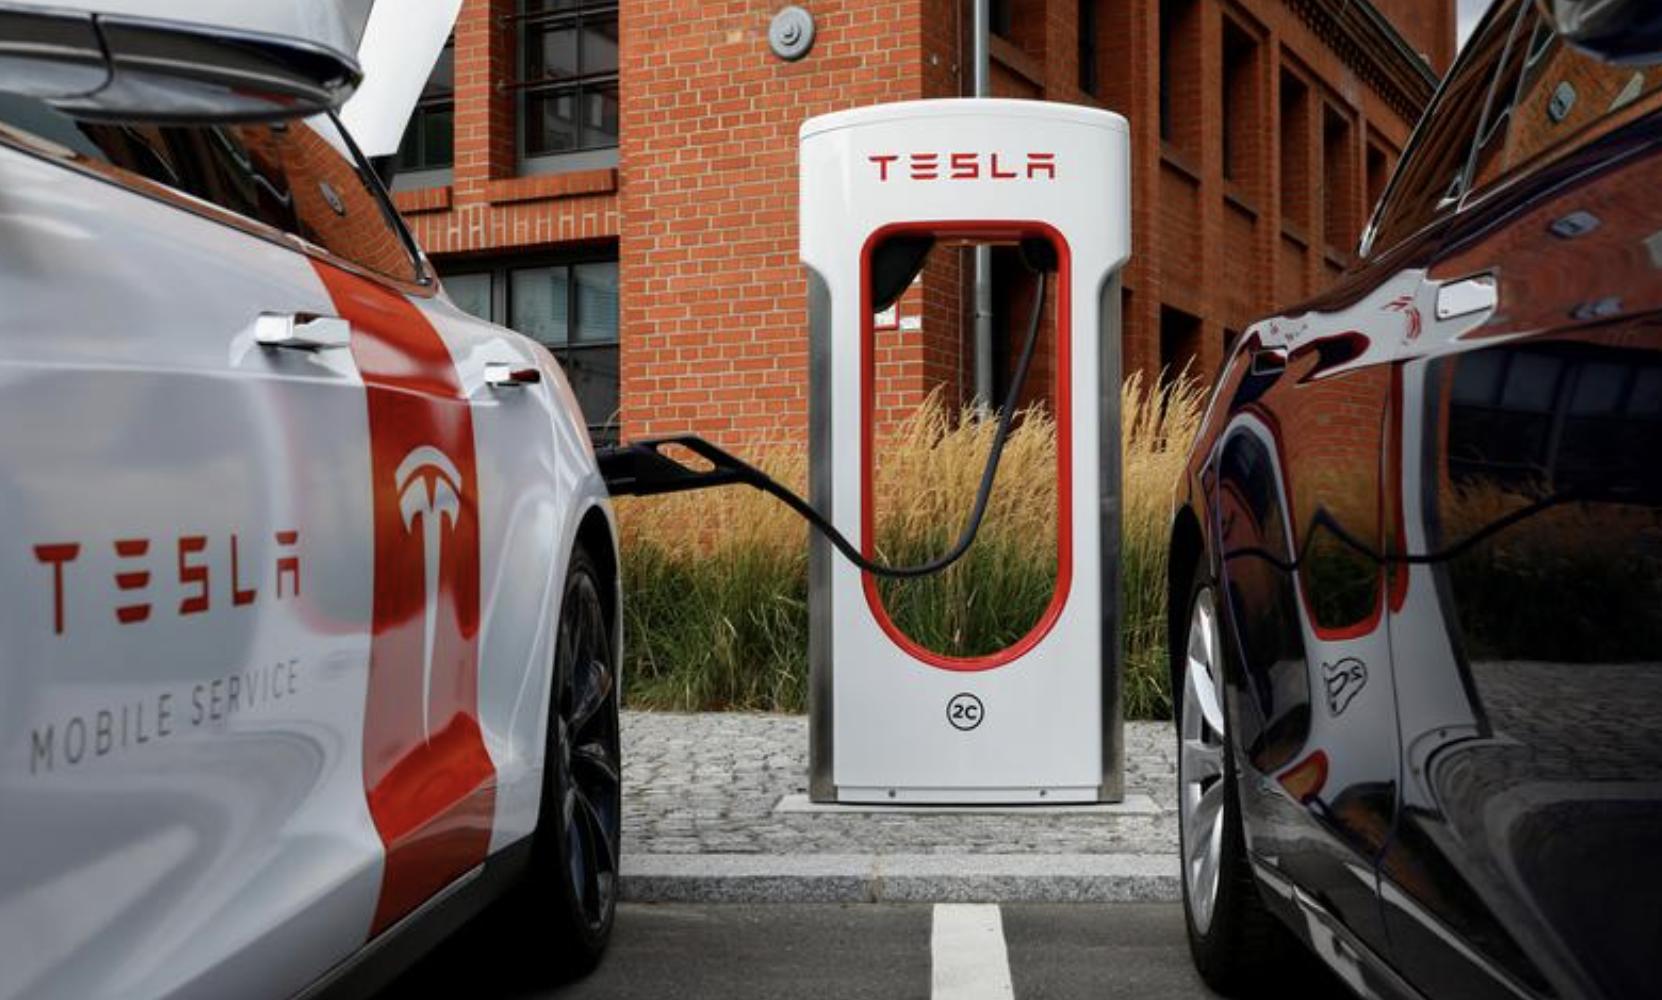 特斯拉大量购入低碳镍,为推出百万英里电池做准备